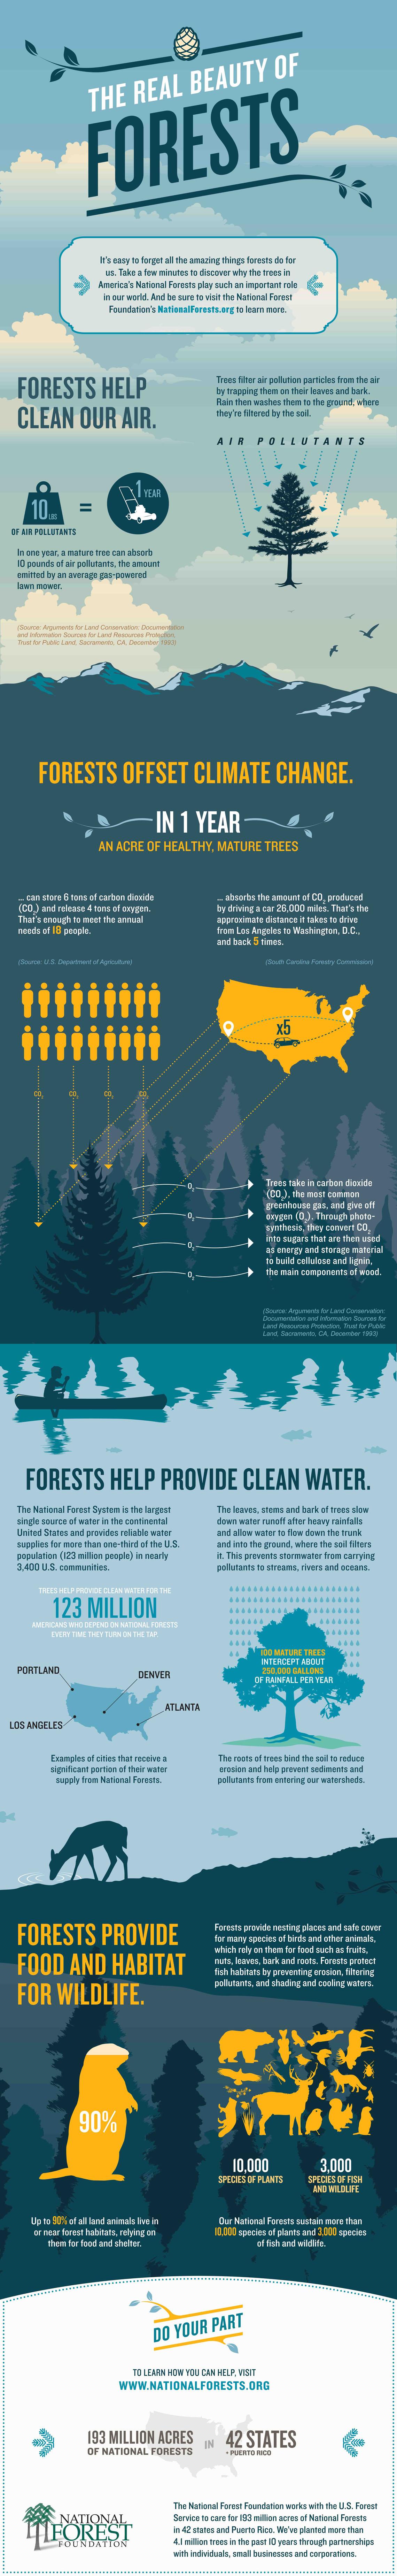 資訊圖像案例_National Forest Foundation_The Real Beauty of Forests